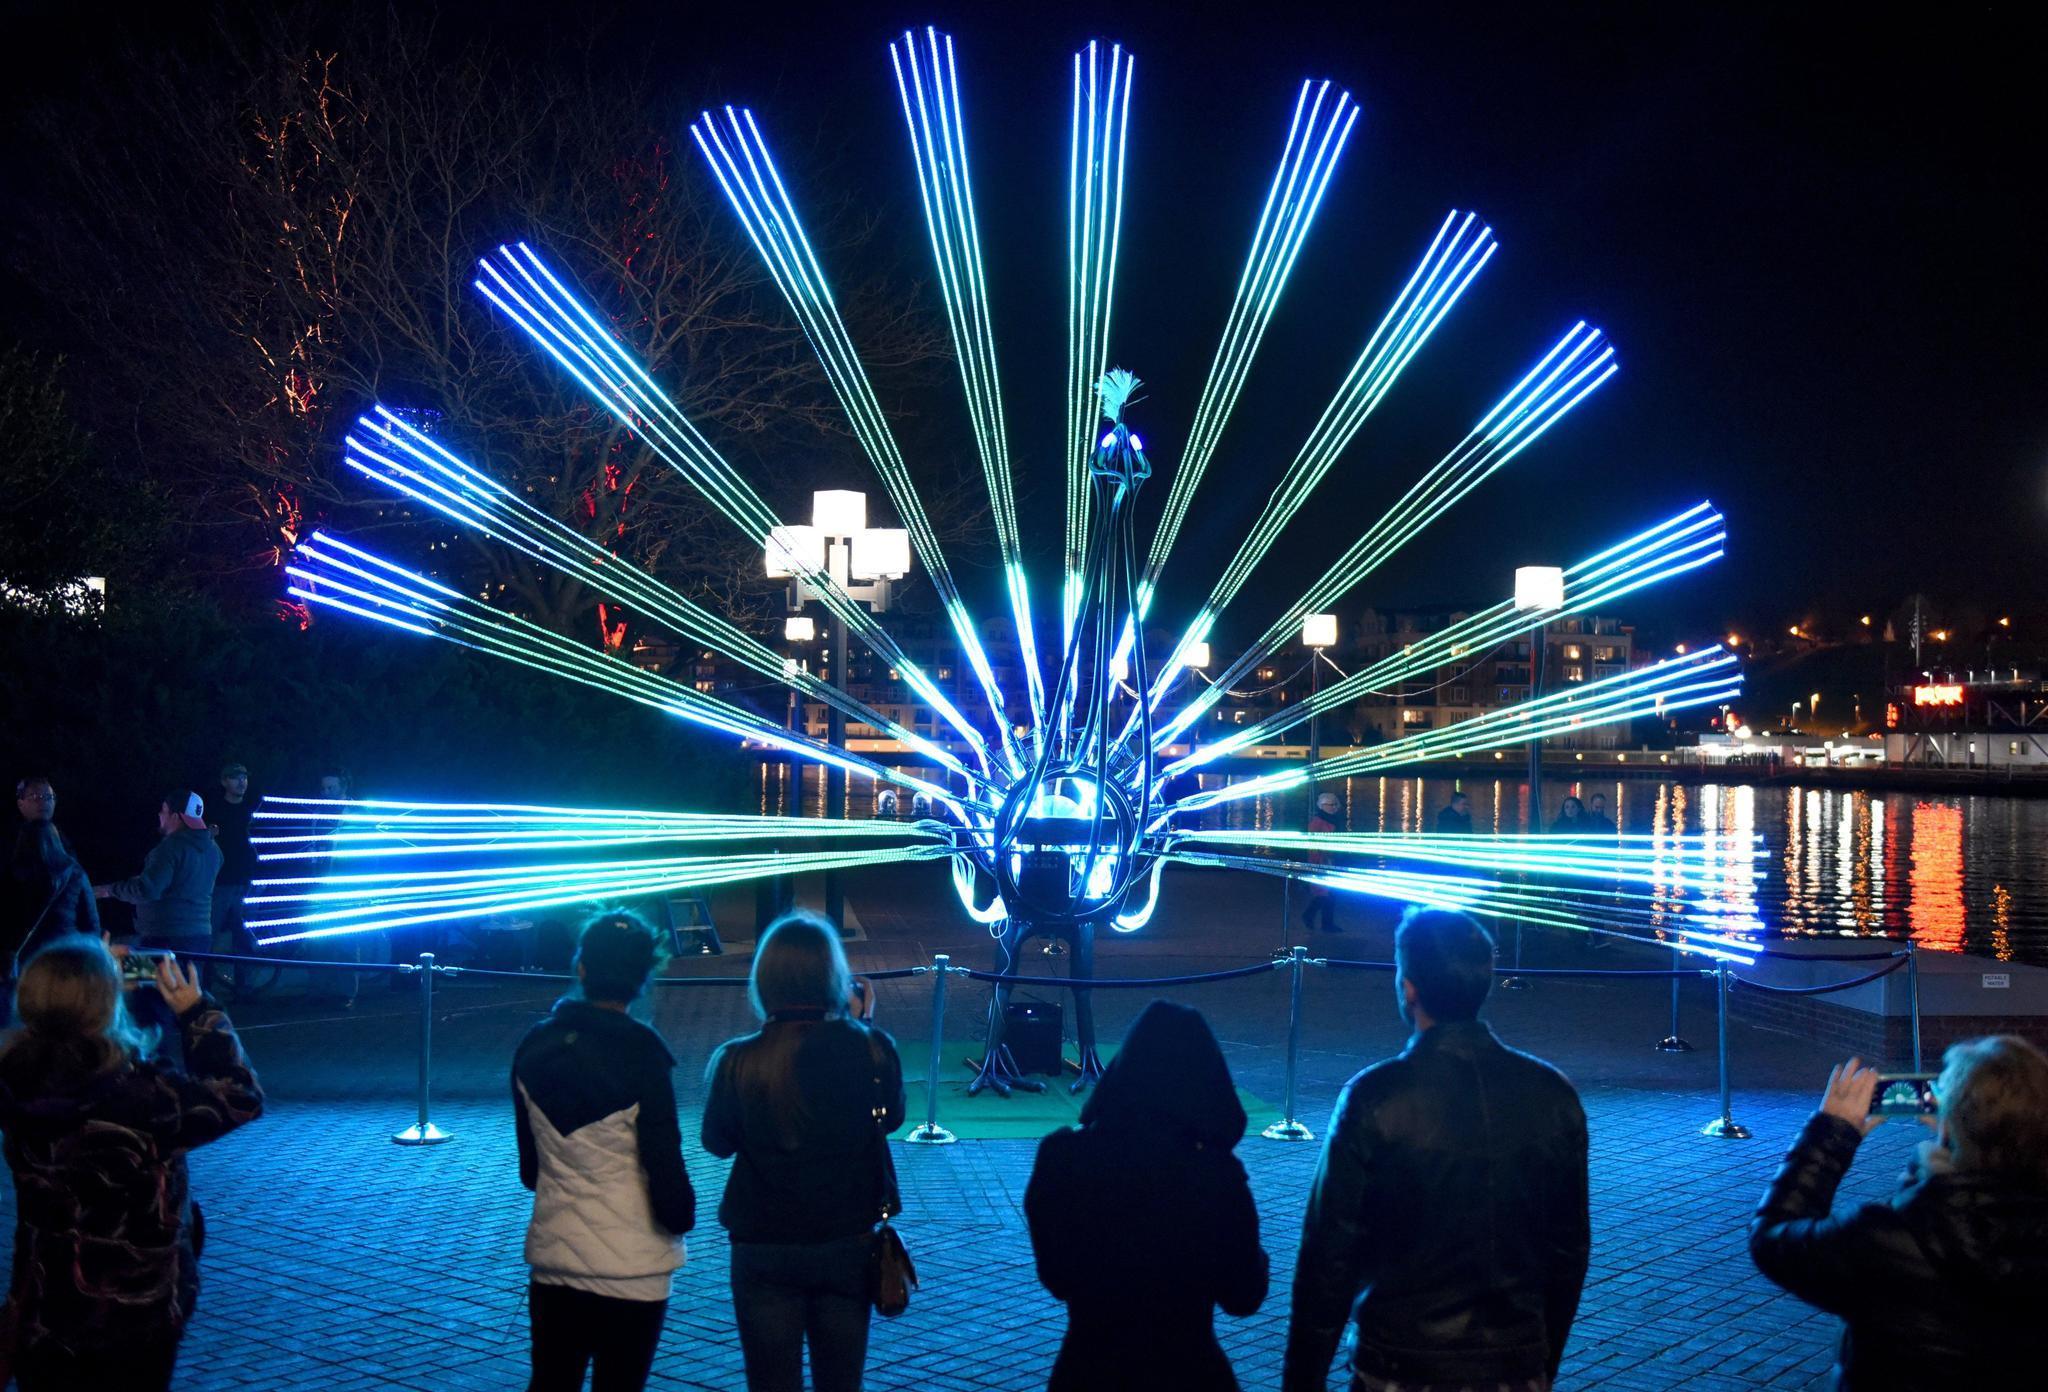 Friday Night Lights Highlights